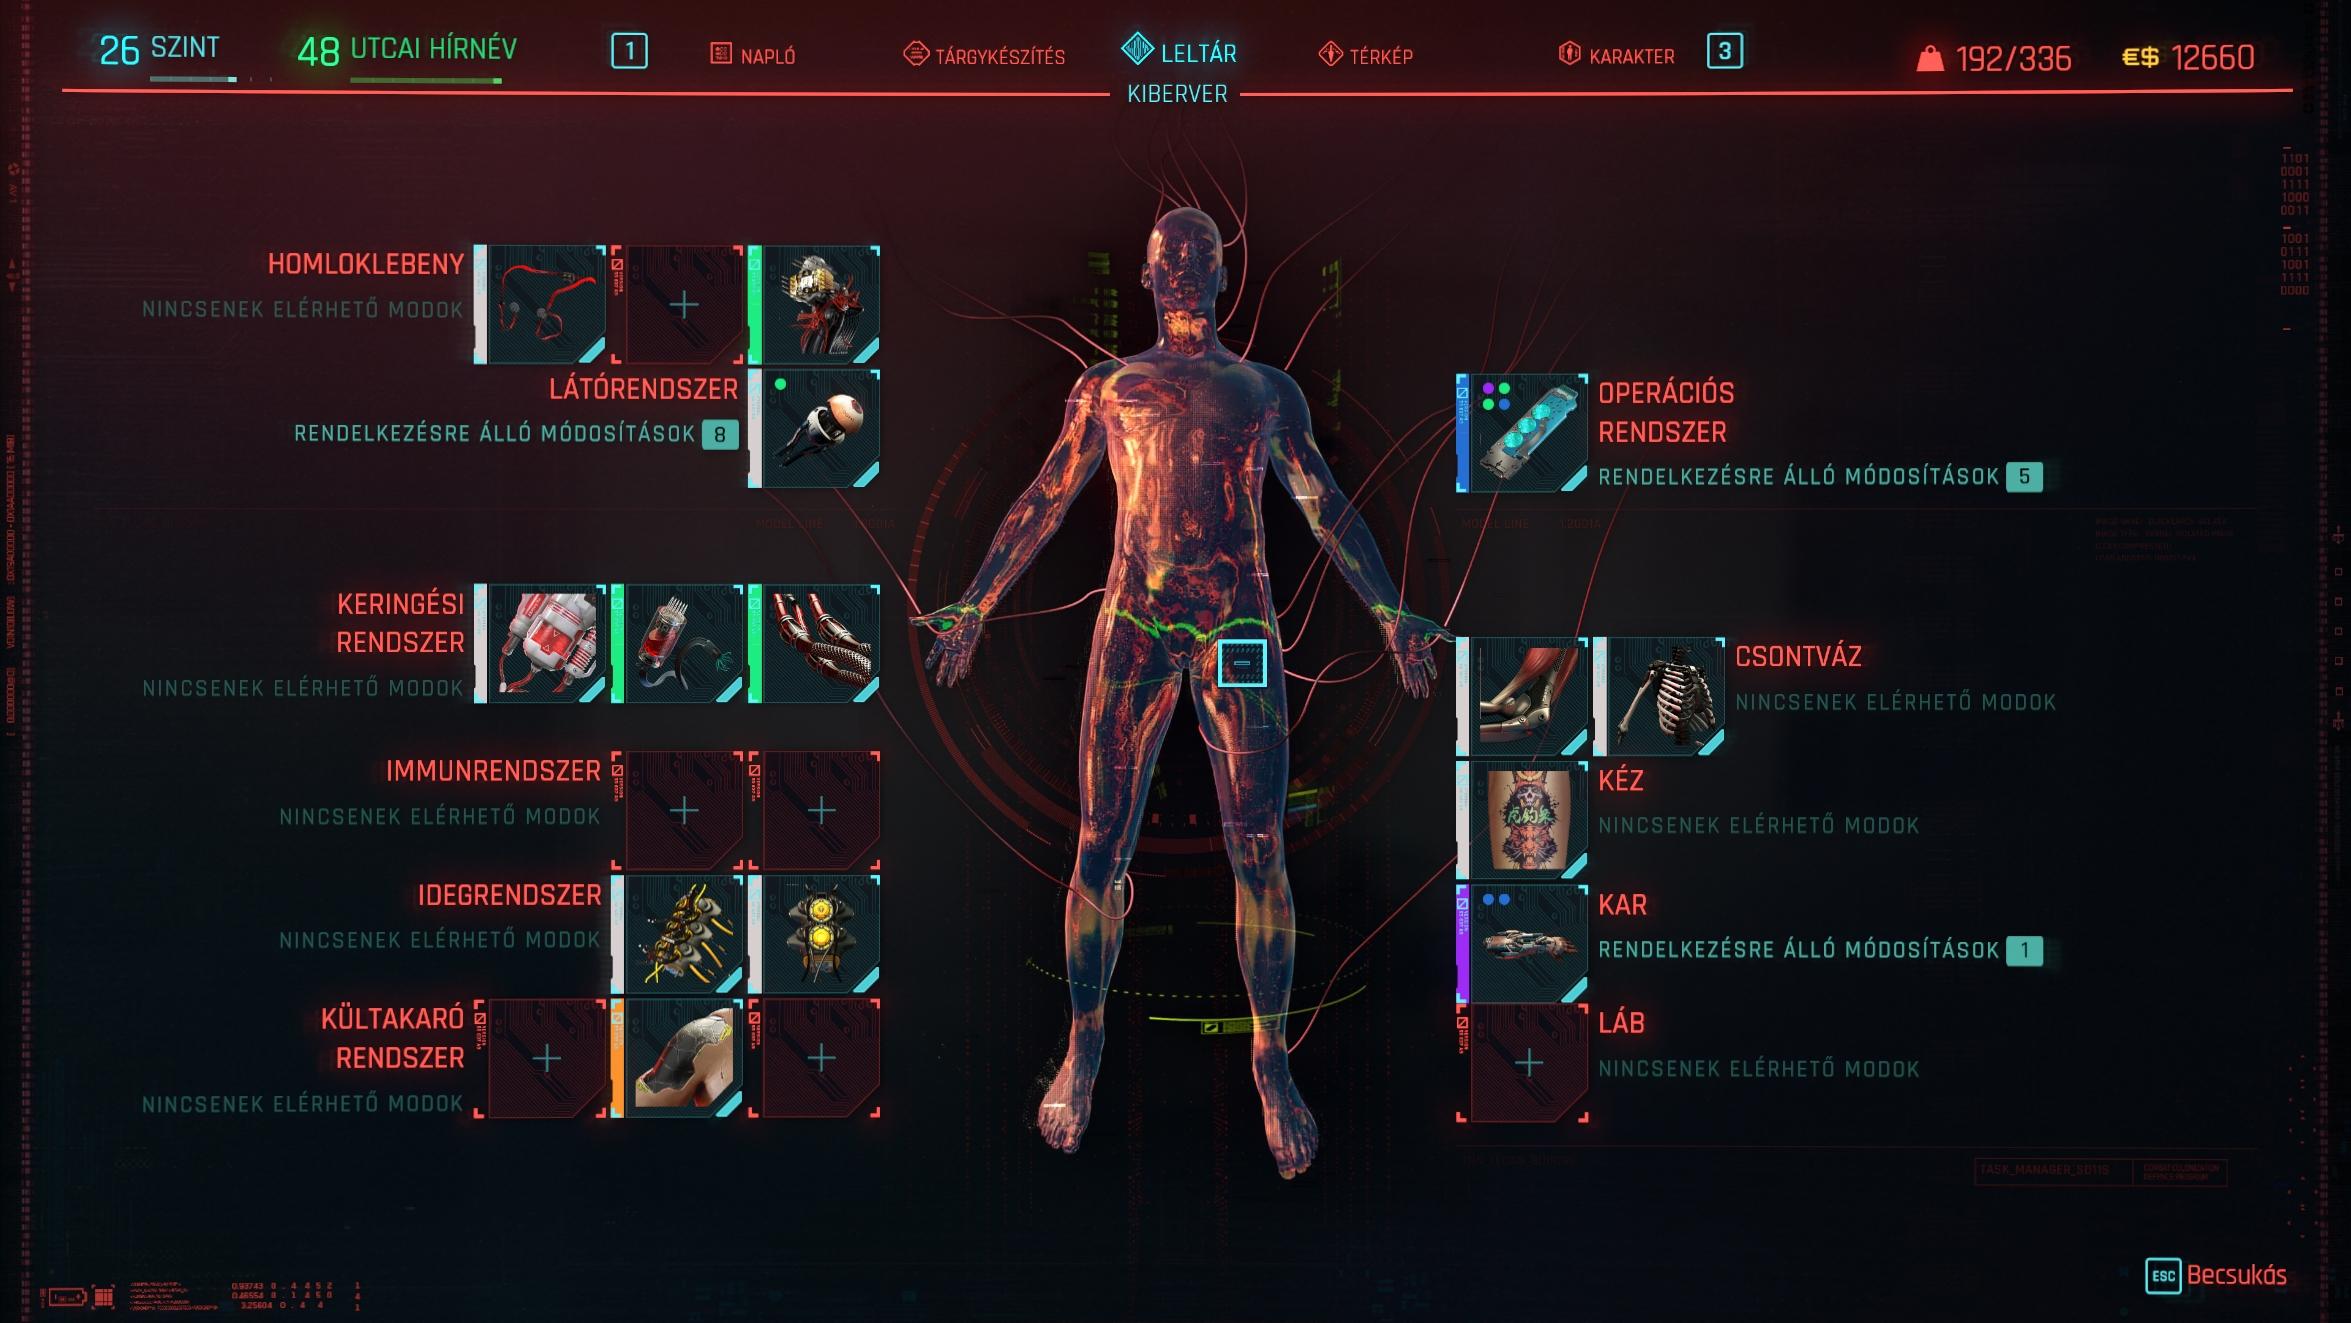 Cyberpunk 2077 Cyberware felszerelés